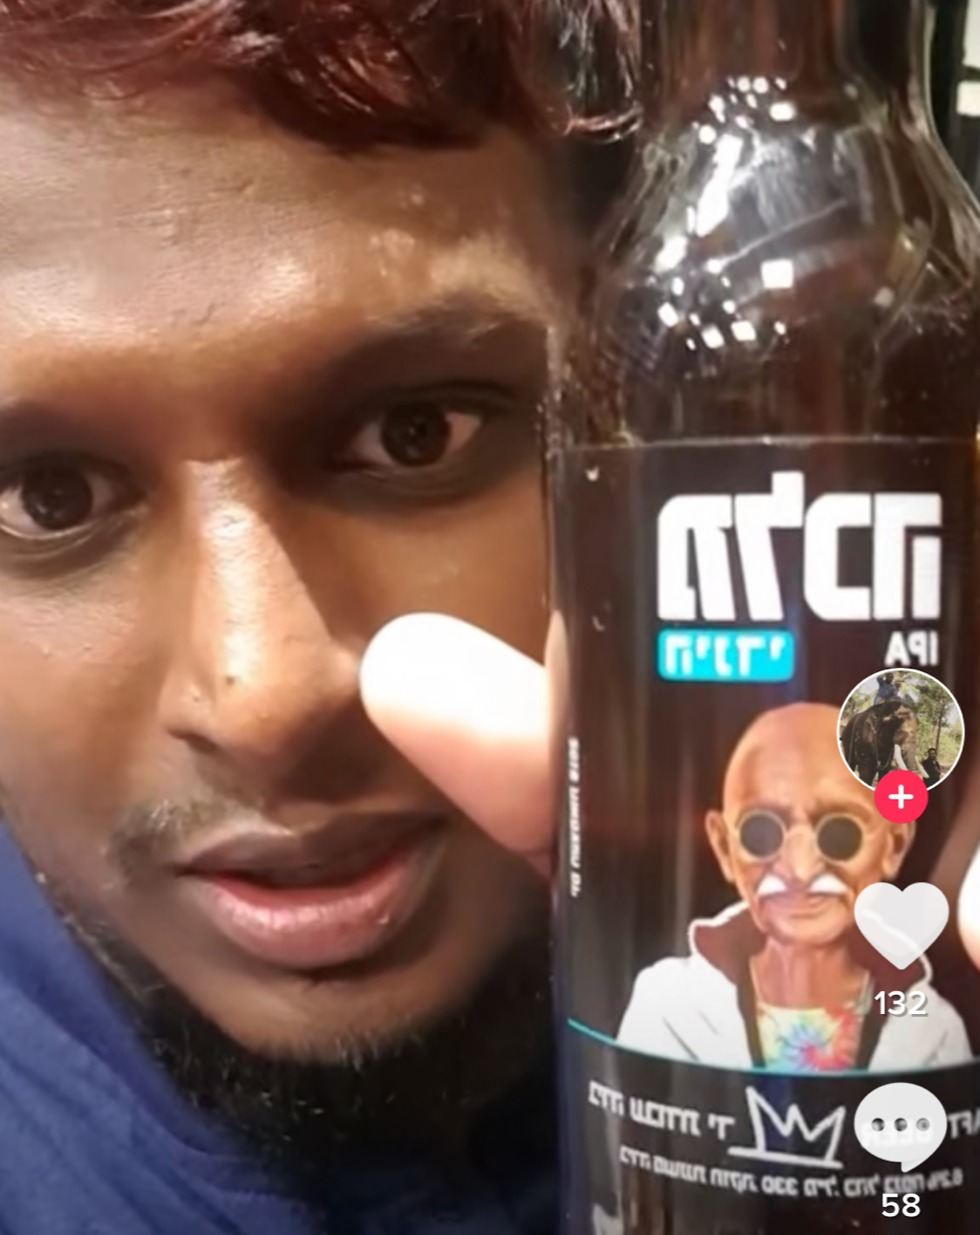 צילום של הבקבוק שעורר סערה מתוך הסרטון (צילום מתוך הסרטון)